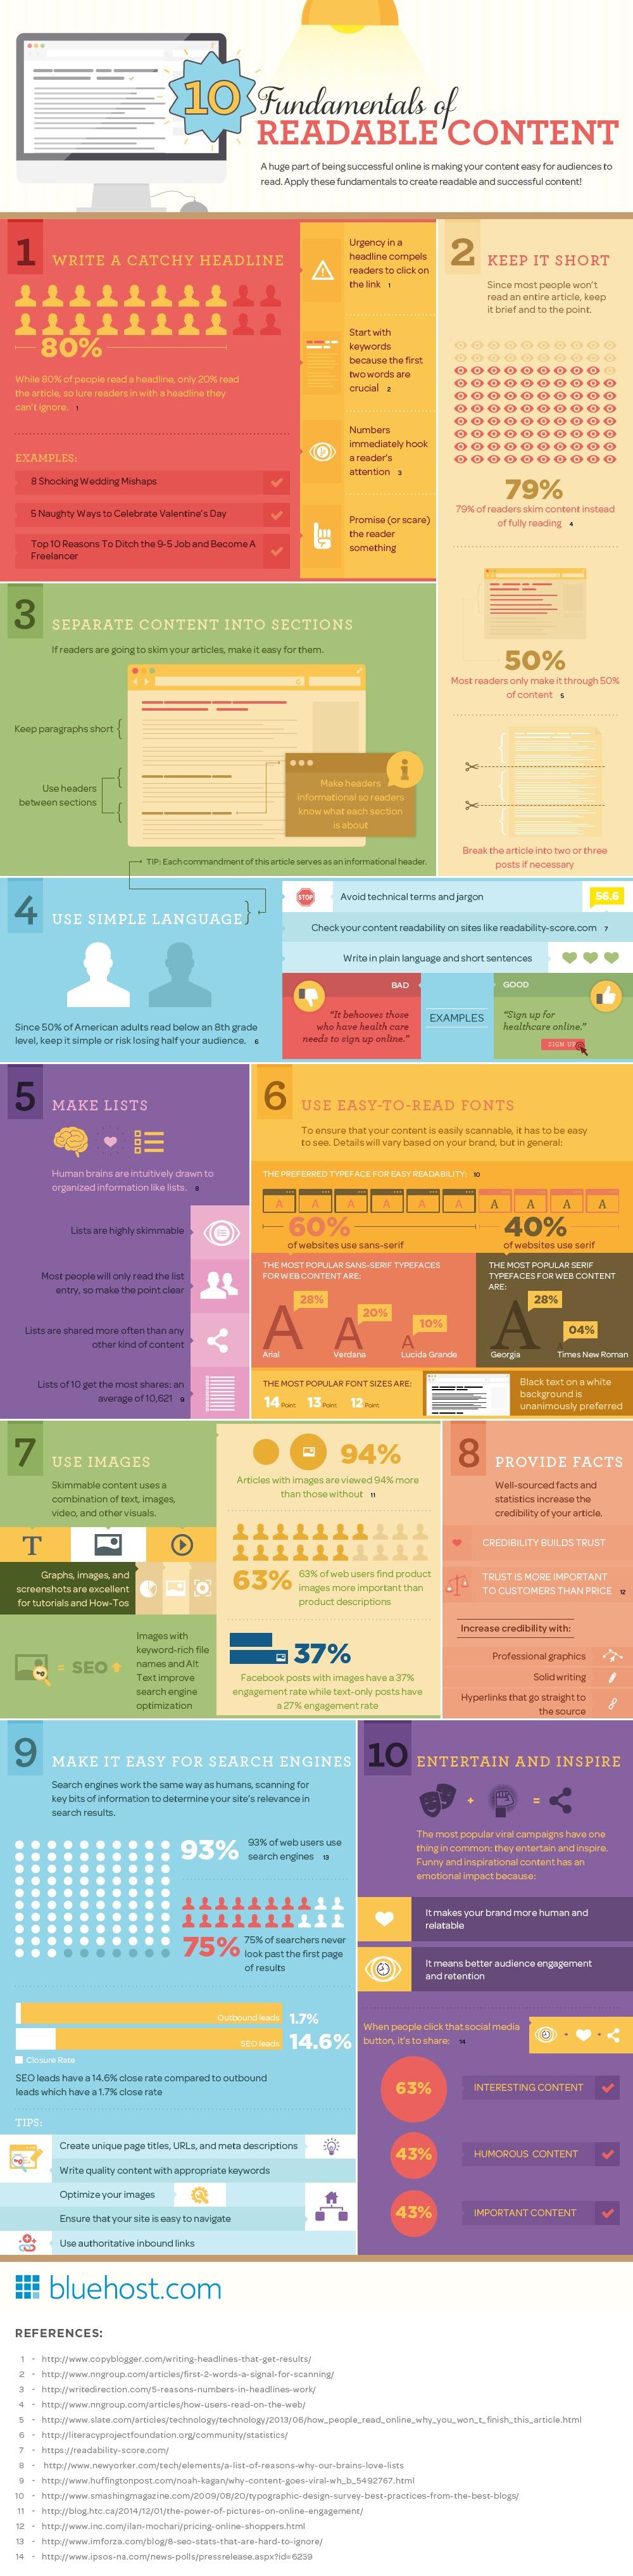 Los 10 fundamentos para crear contenido legible y agradable para los usuarios